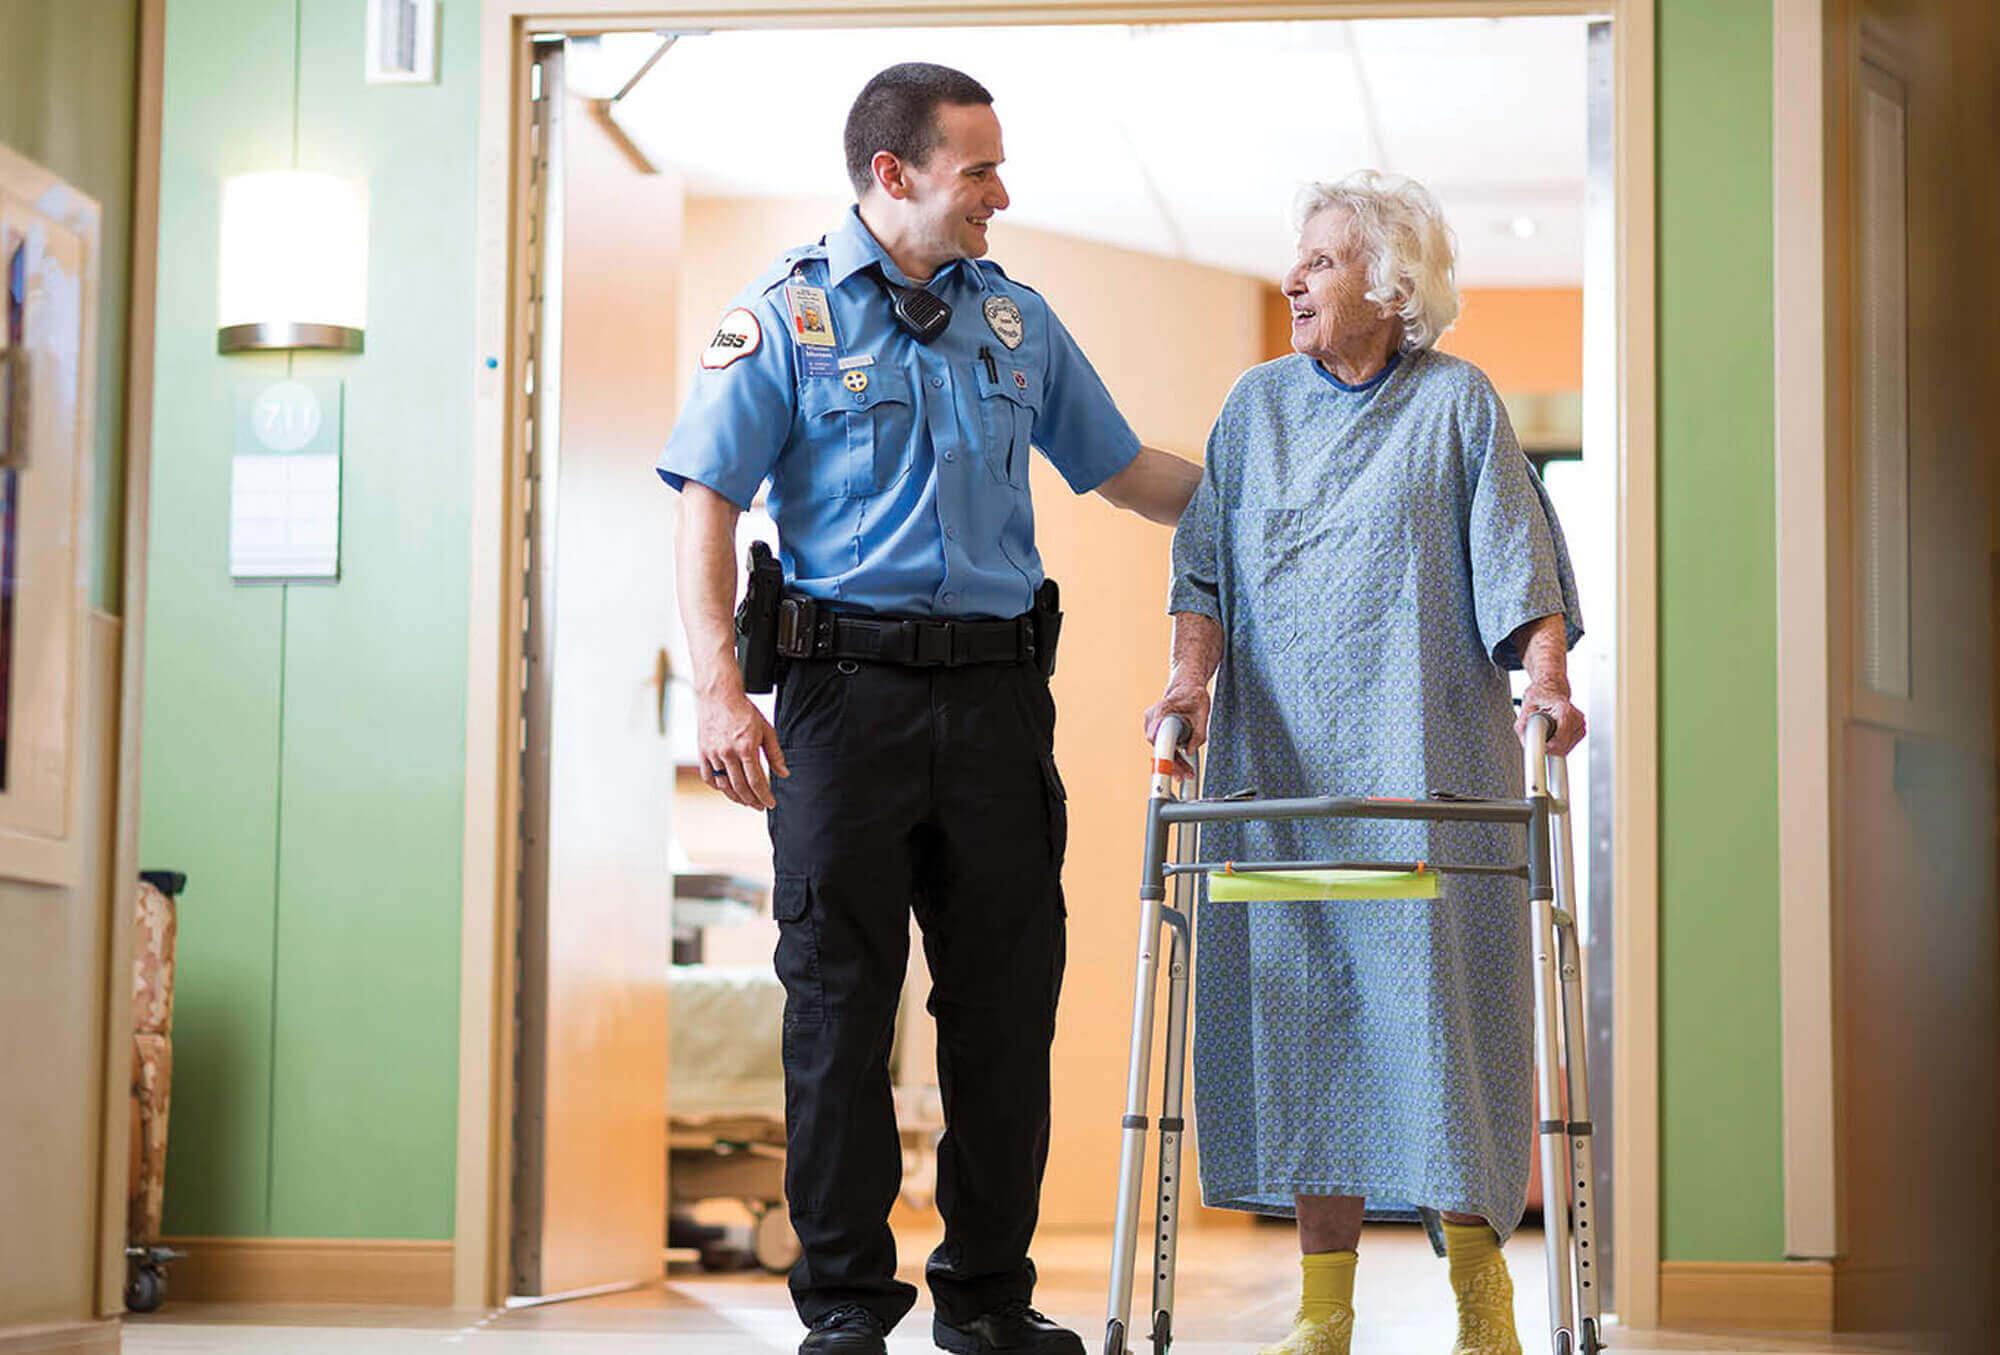 Healthcare & Hospital Security | HSS